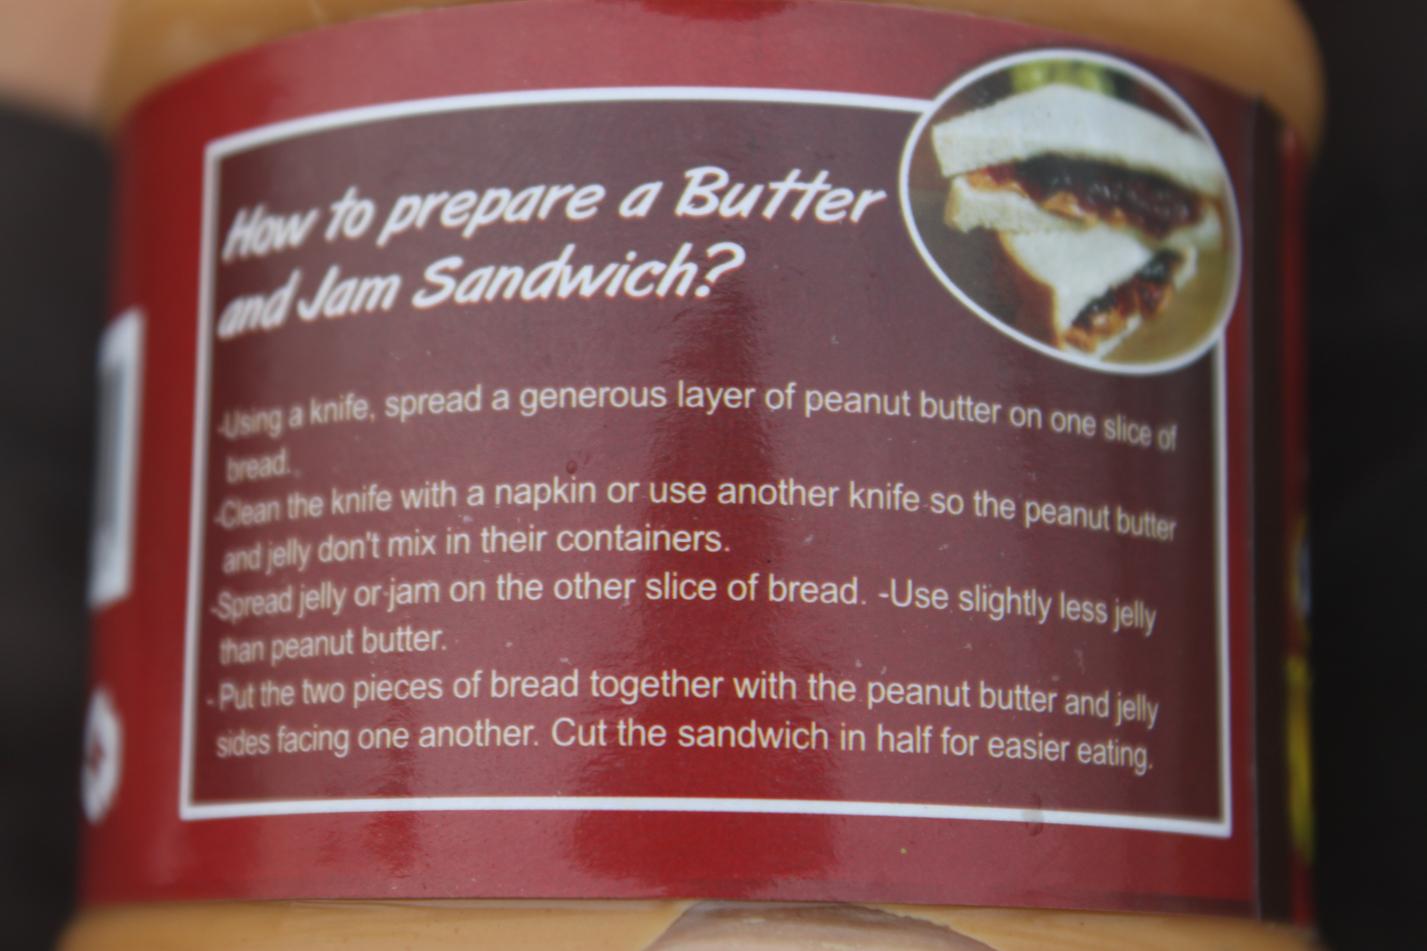 Diesmal gibt es zum Schluss ein Rezept für das Zubereiten einer kulinarischen Köstlichkeit aus Panama: Das Erdnussbutter - Marmeladen Sandwich Und bitte das napkin nicht vergessen!